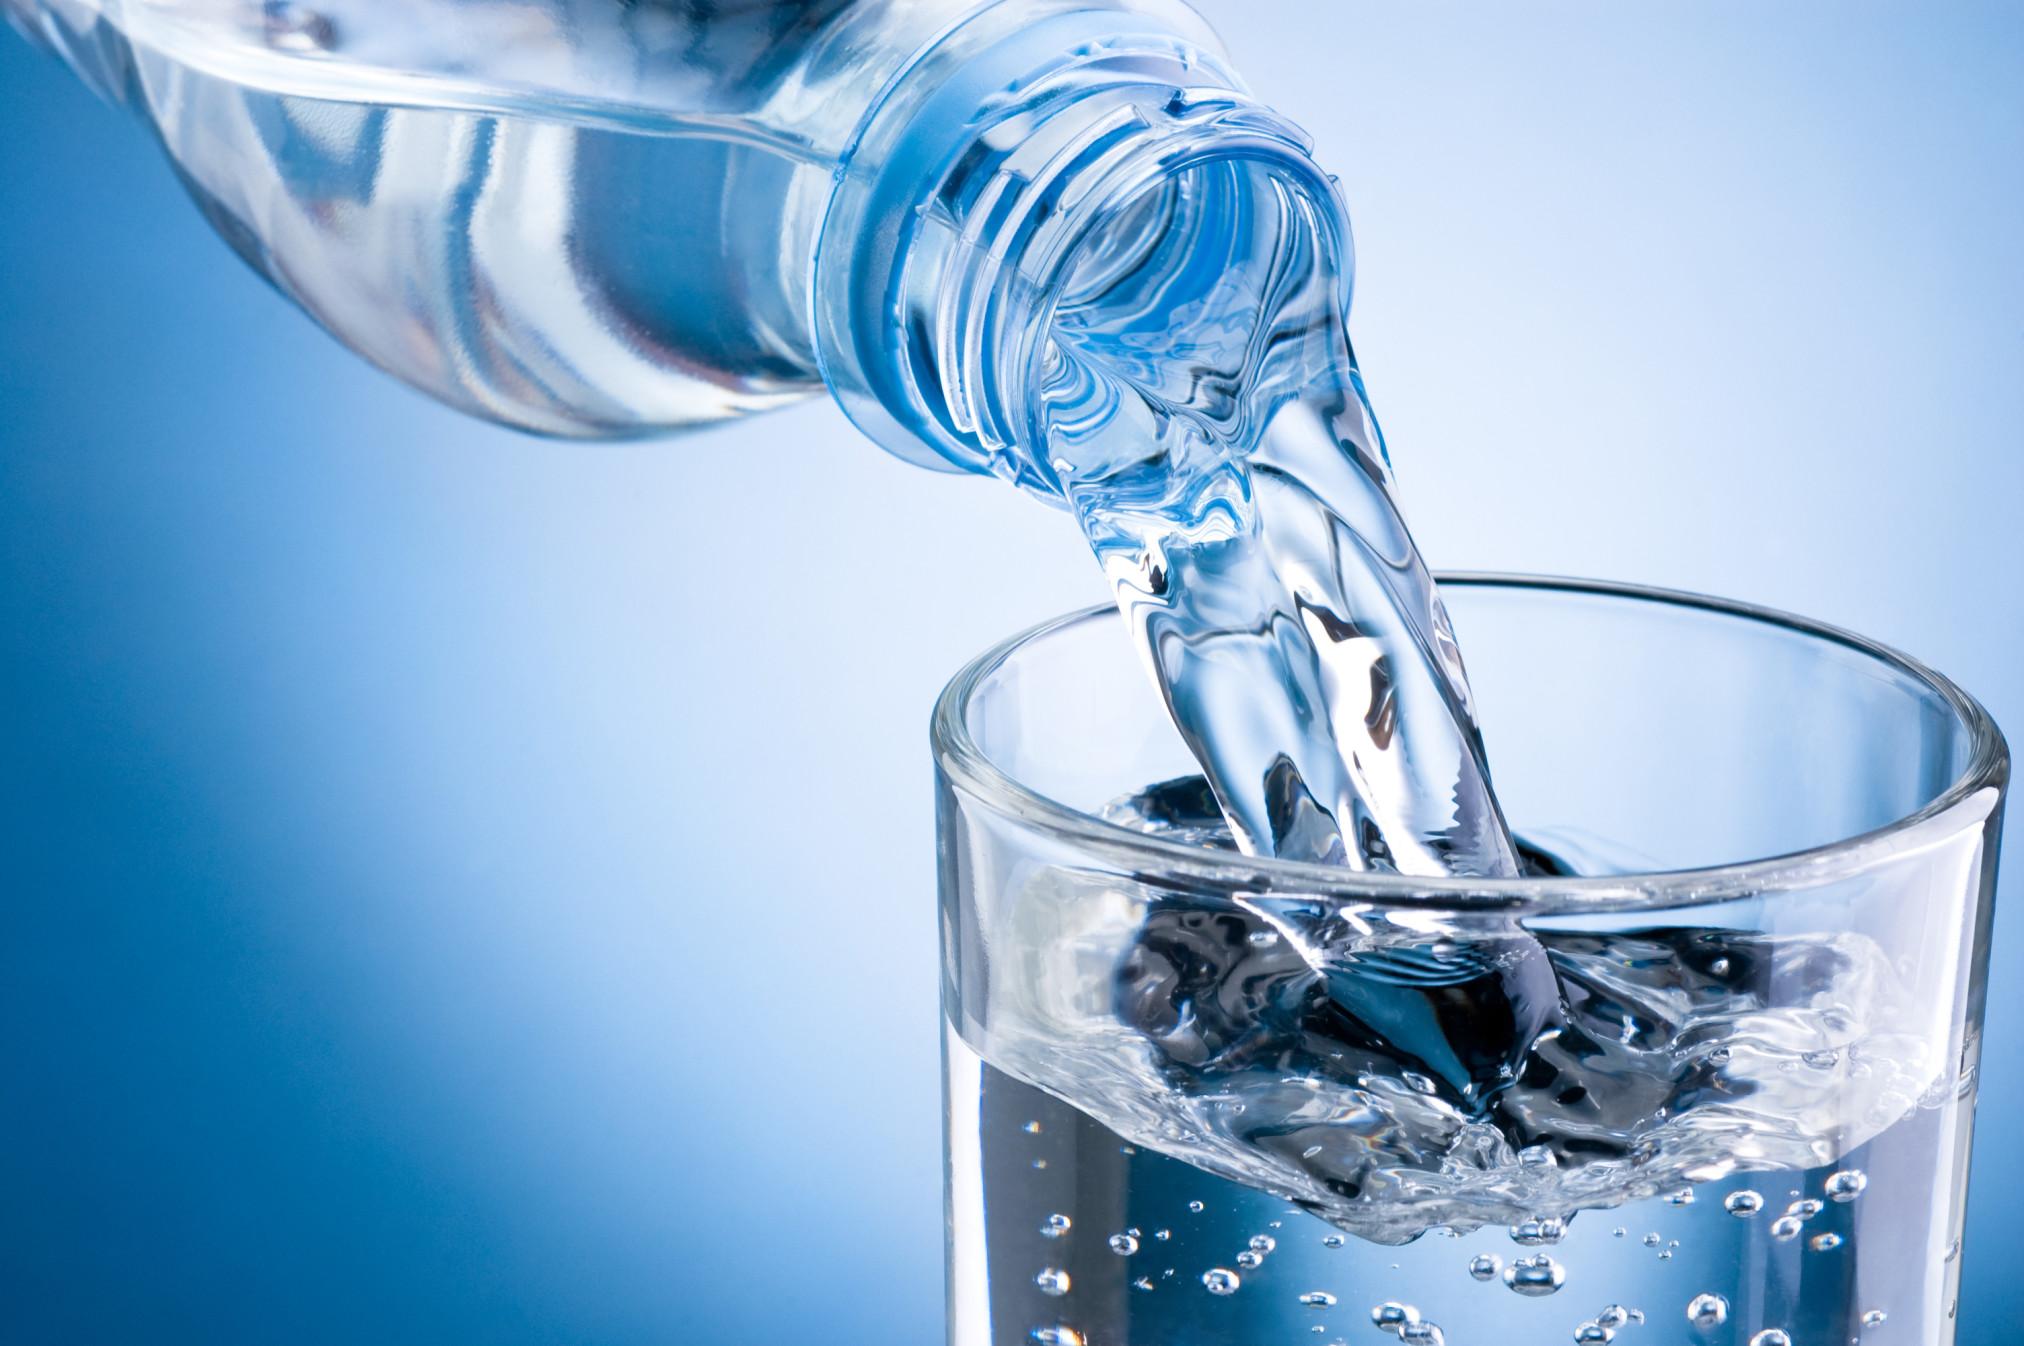 صورة هل تعلم عن الماء , معلومات مهمة عن الماء